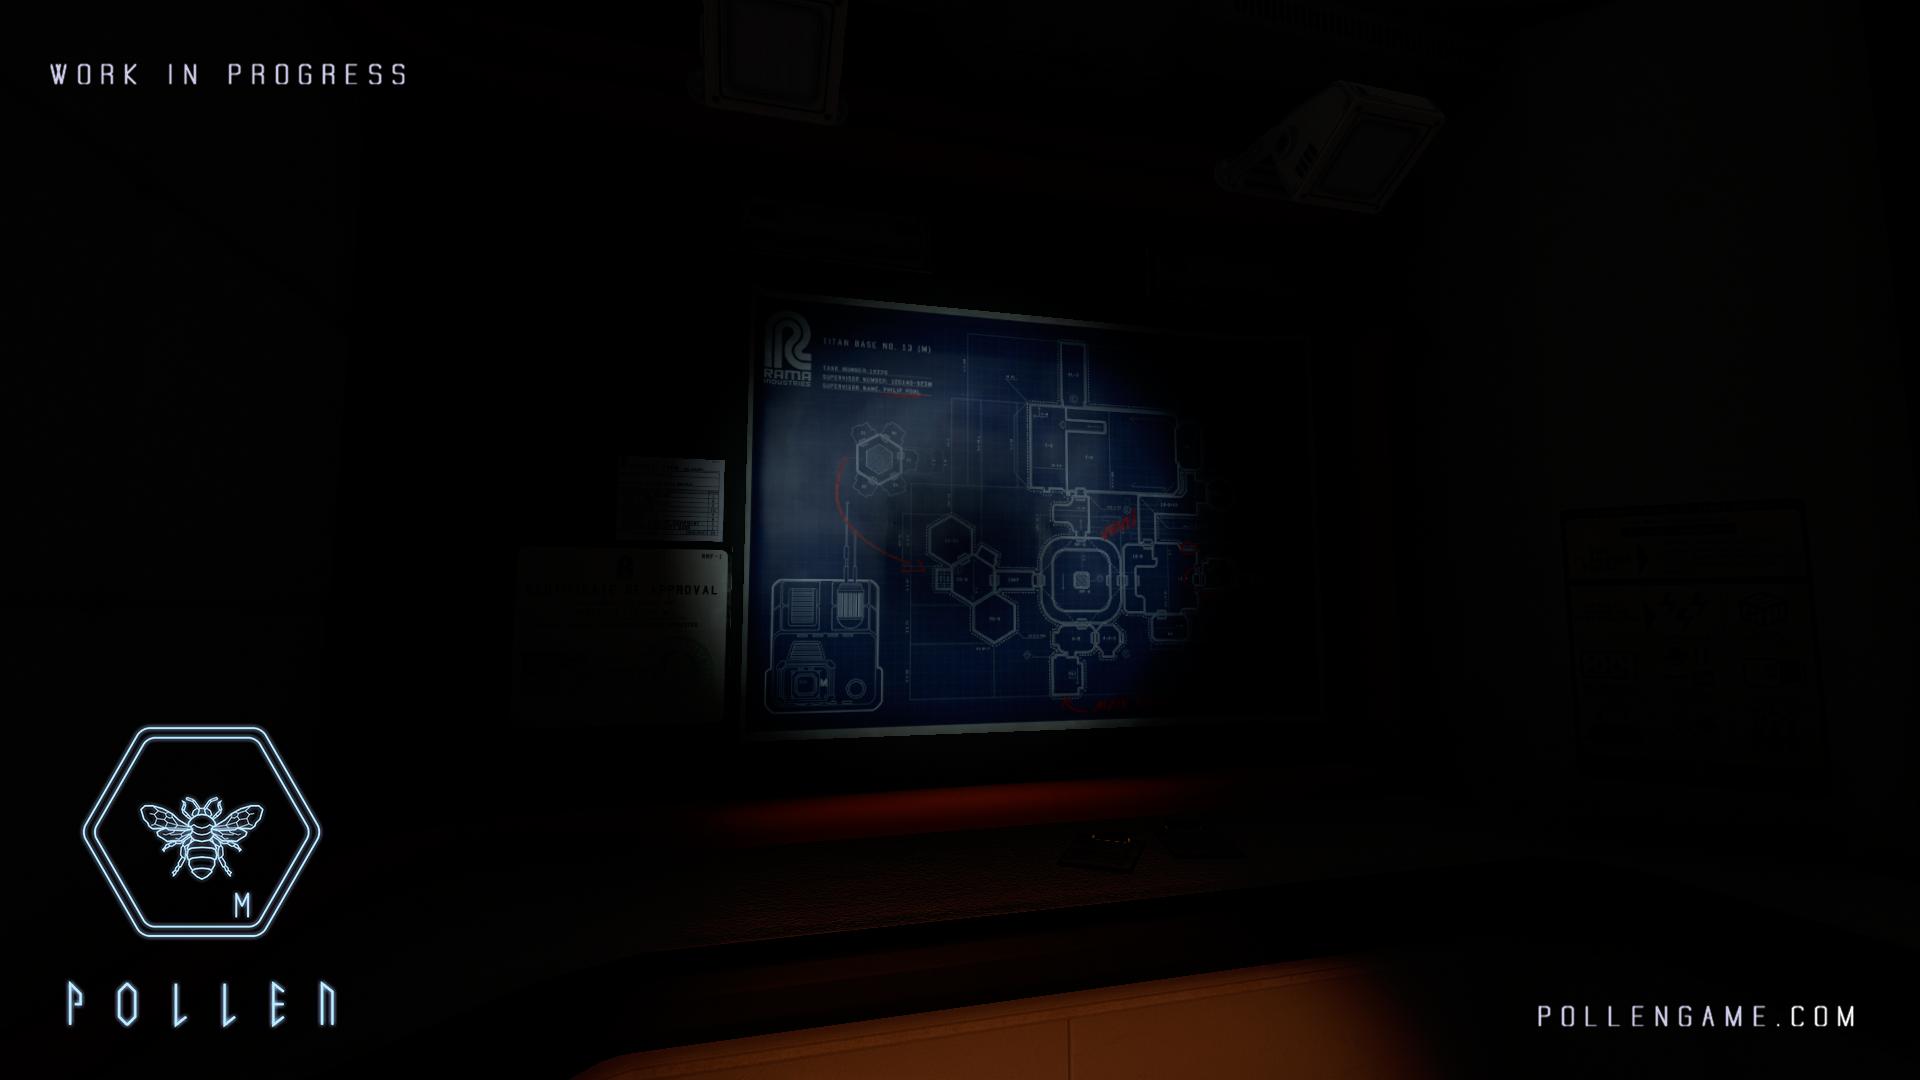 P·O·L·L·E·N vypadá na Dead Space 3 říznutý Alien Isolation 114662